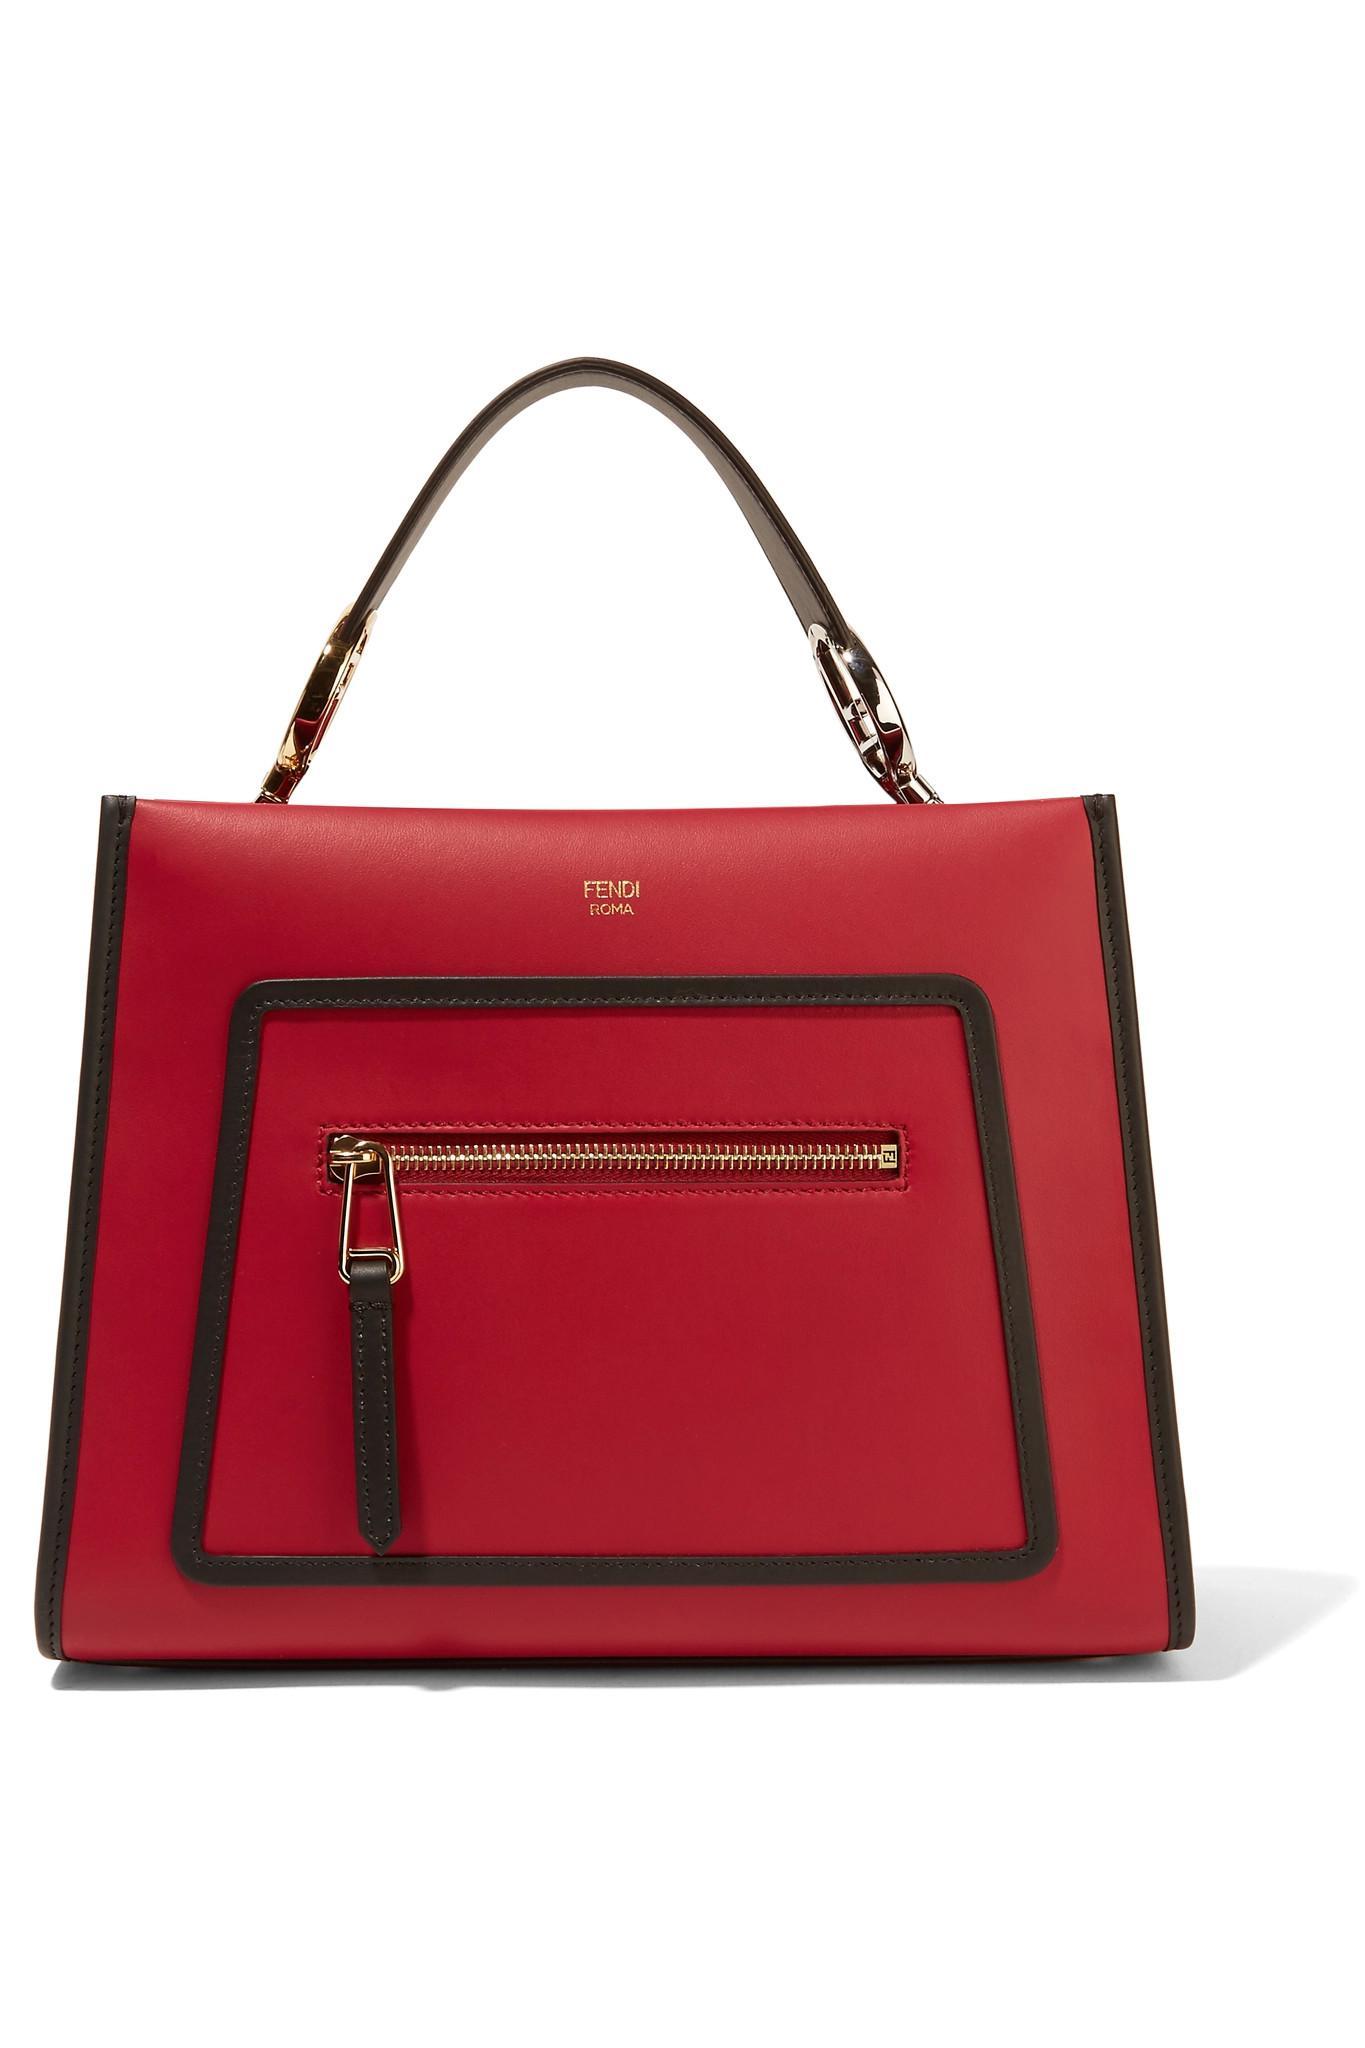 2a6e9e39cb5e ... get lyst fendi runaway small leather tote in red 6389b 384fd